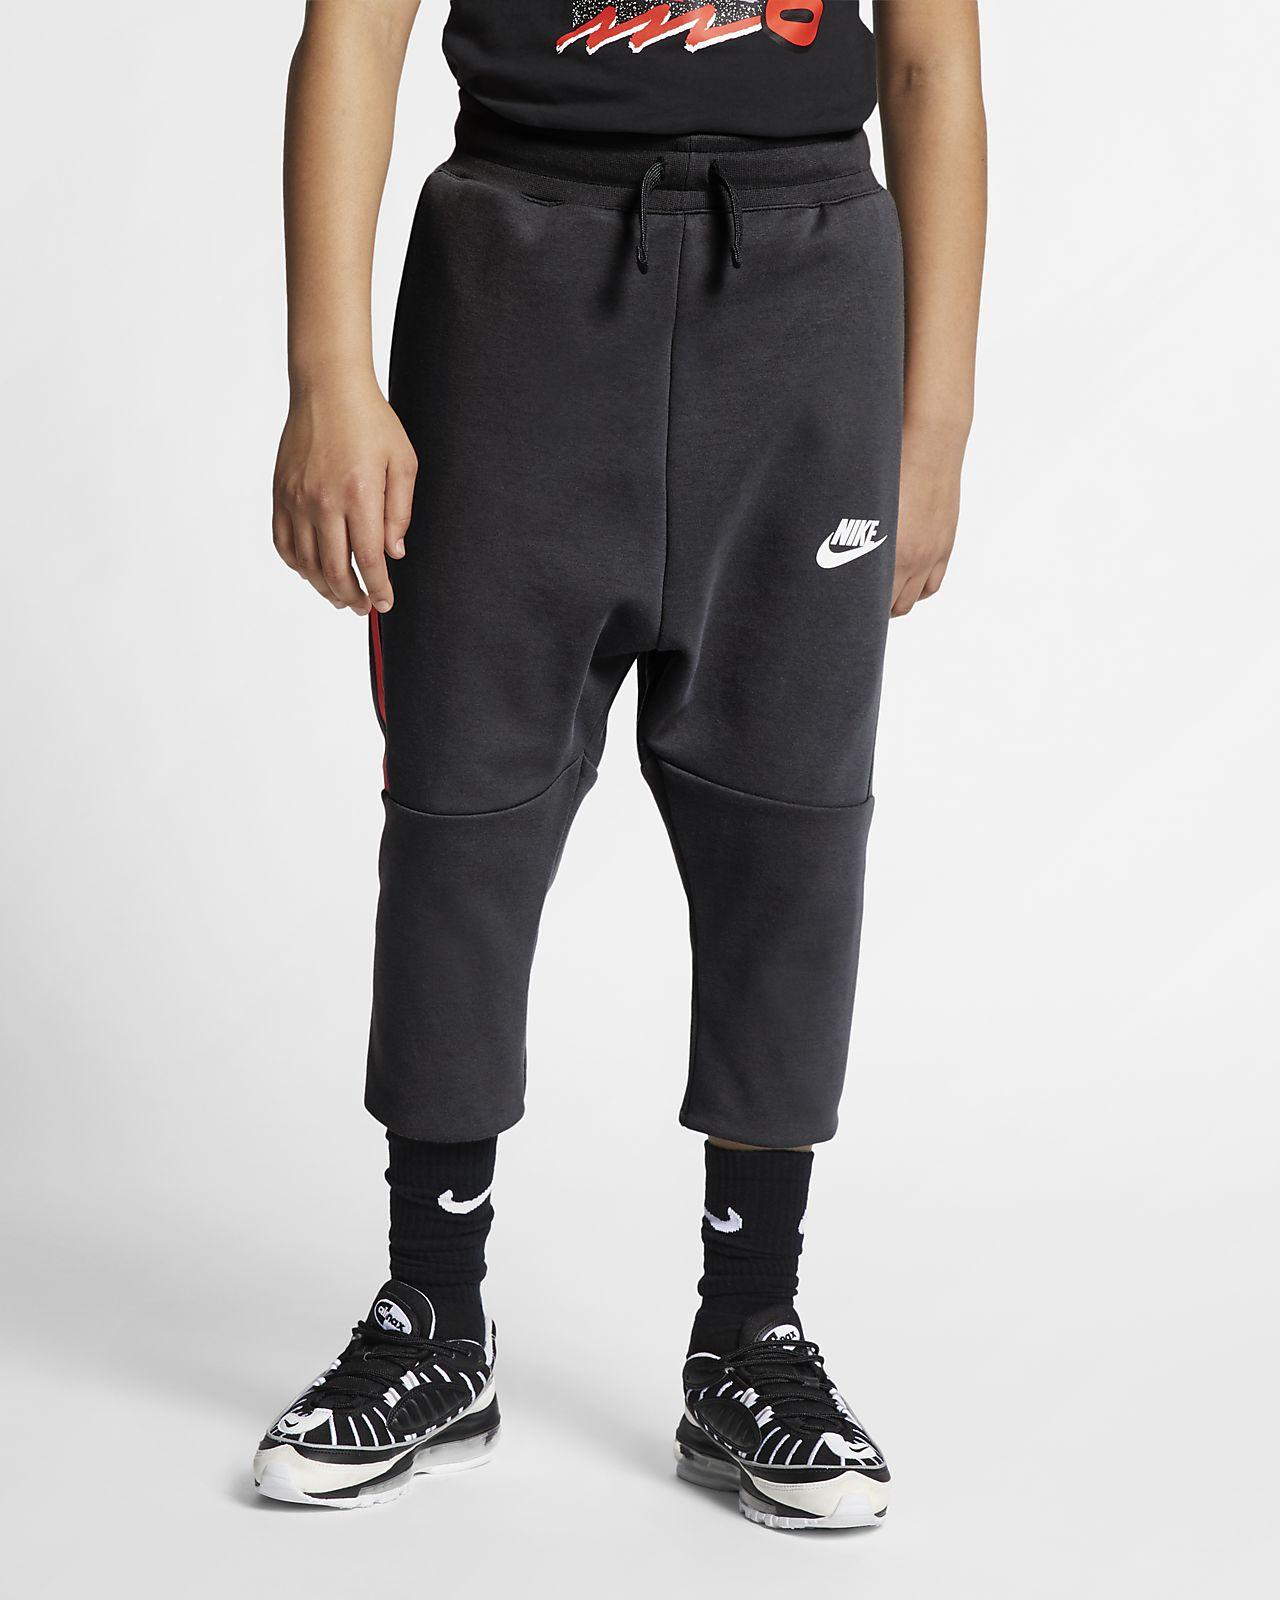 Παντελόνι σε πιο κοντό μήκος Nike Sportswear Tech Fleece για μεγάλα παιδιά